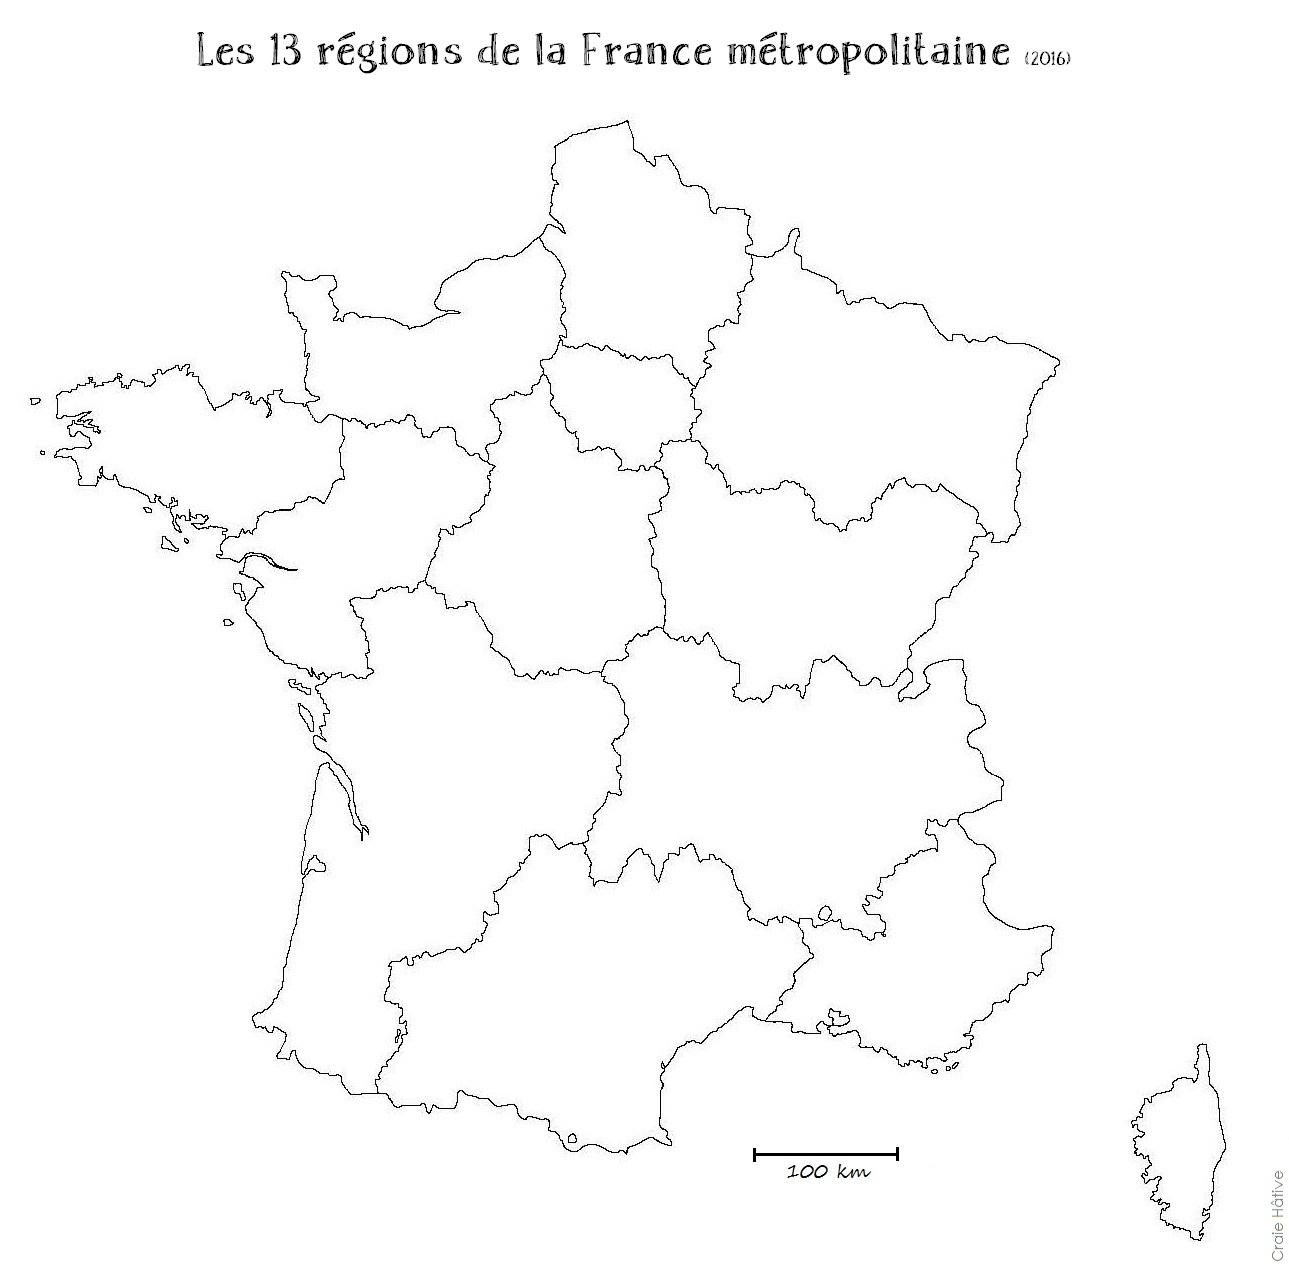 Cartes Des Régions De La France Métropolitaine - 2016 pour Carte De La France Région